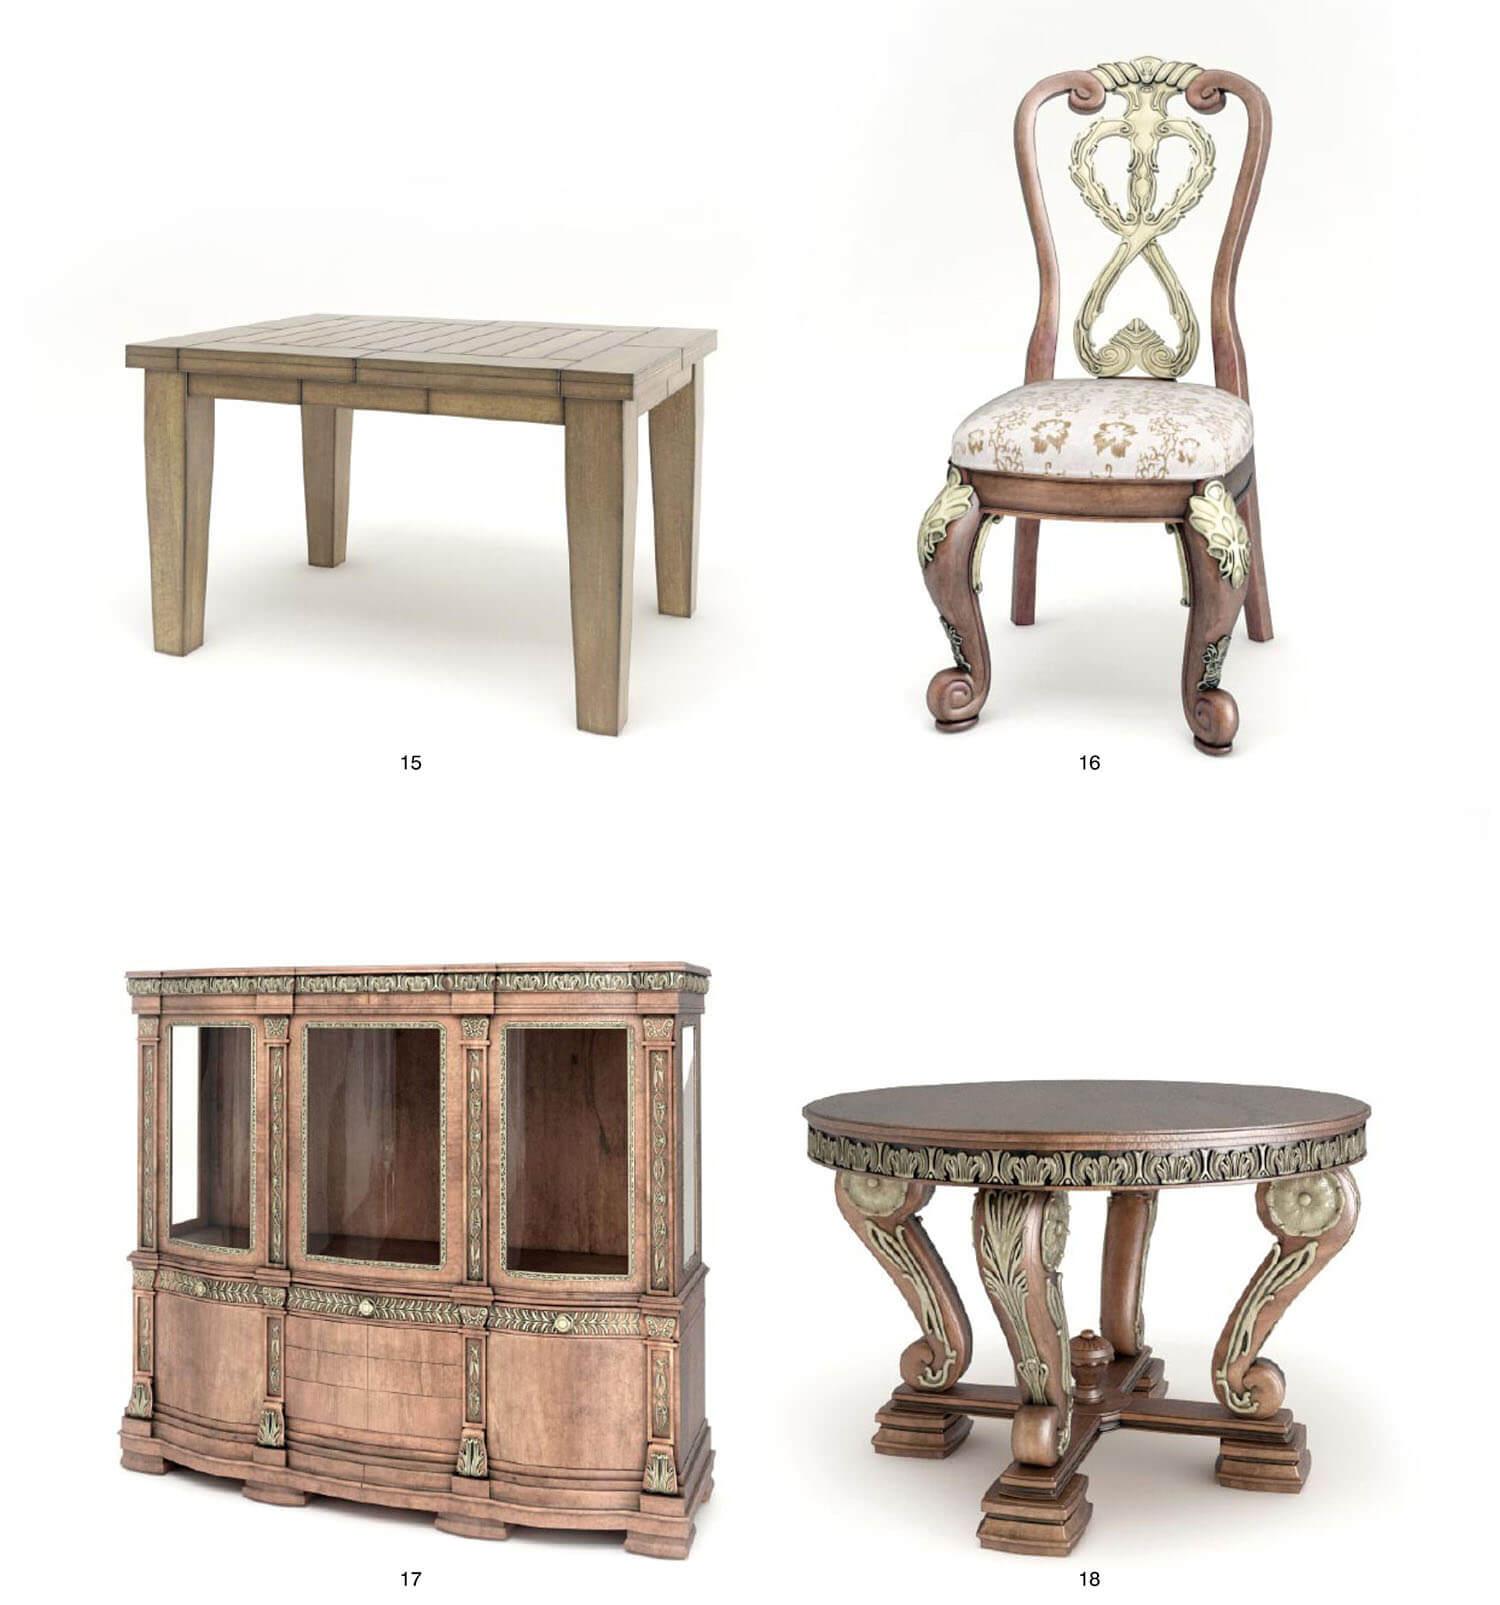 Bàn ghế và tủ với các chi tiết hoa văn bằng đồng